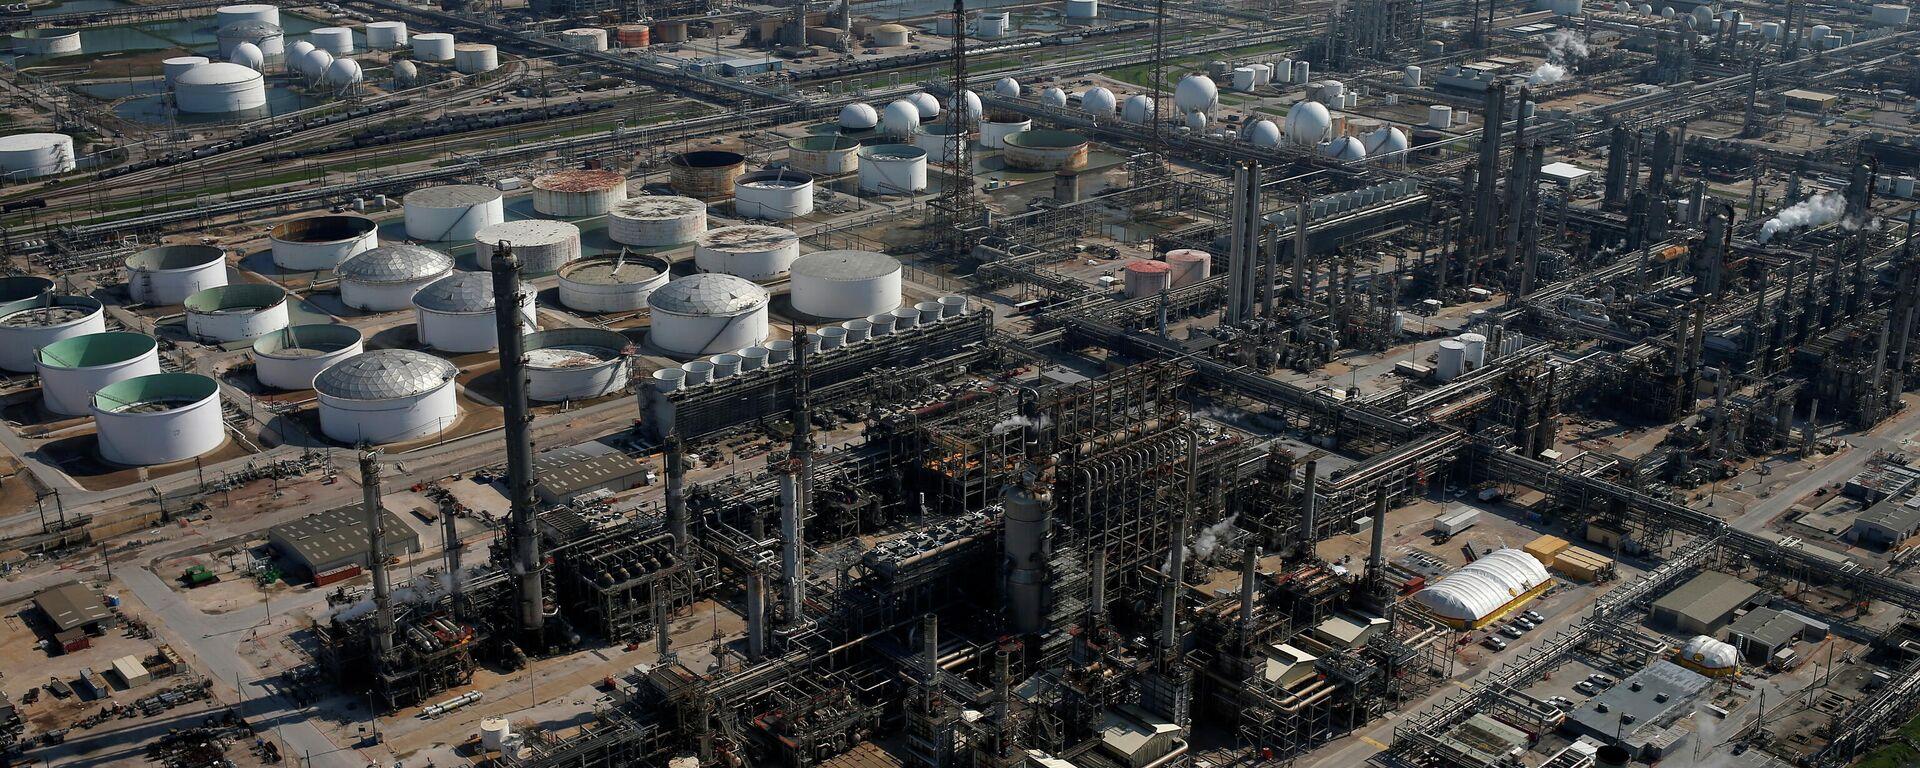 La refinería Deer Park en Texas, EEUU - Sputnik Mundo, 1920, 26.05.2021